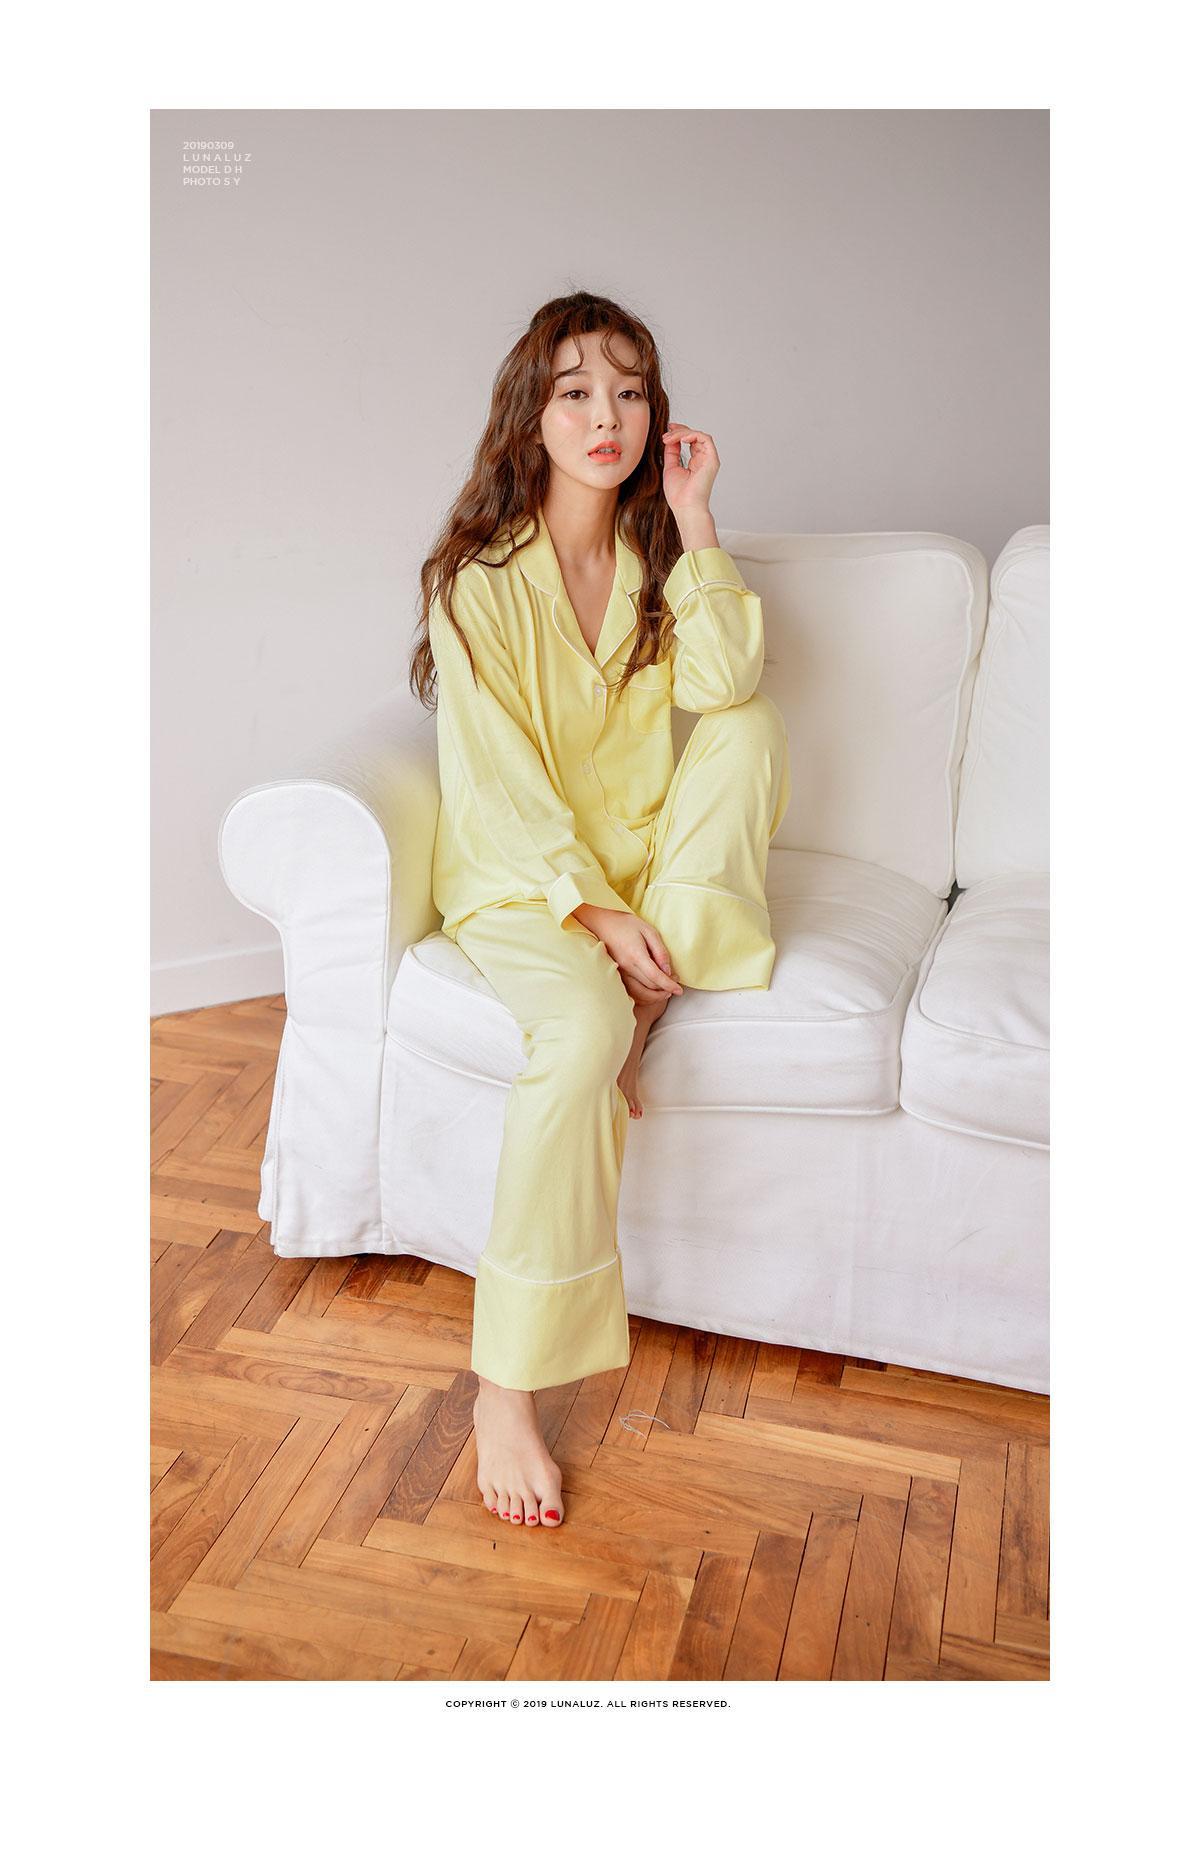 레몬 투피스 카라넥 스판 여성잠옷 W457 - 쿠비카, 88,000원, 잠옷, 여성파자마